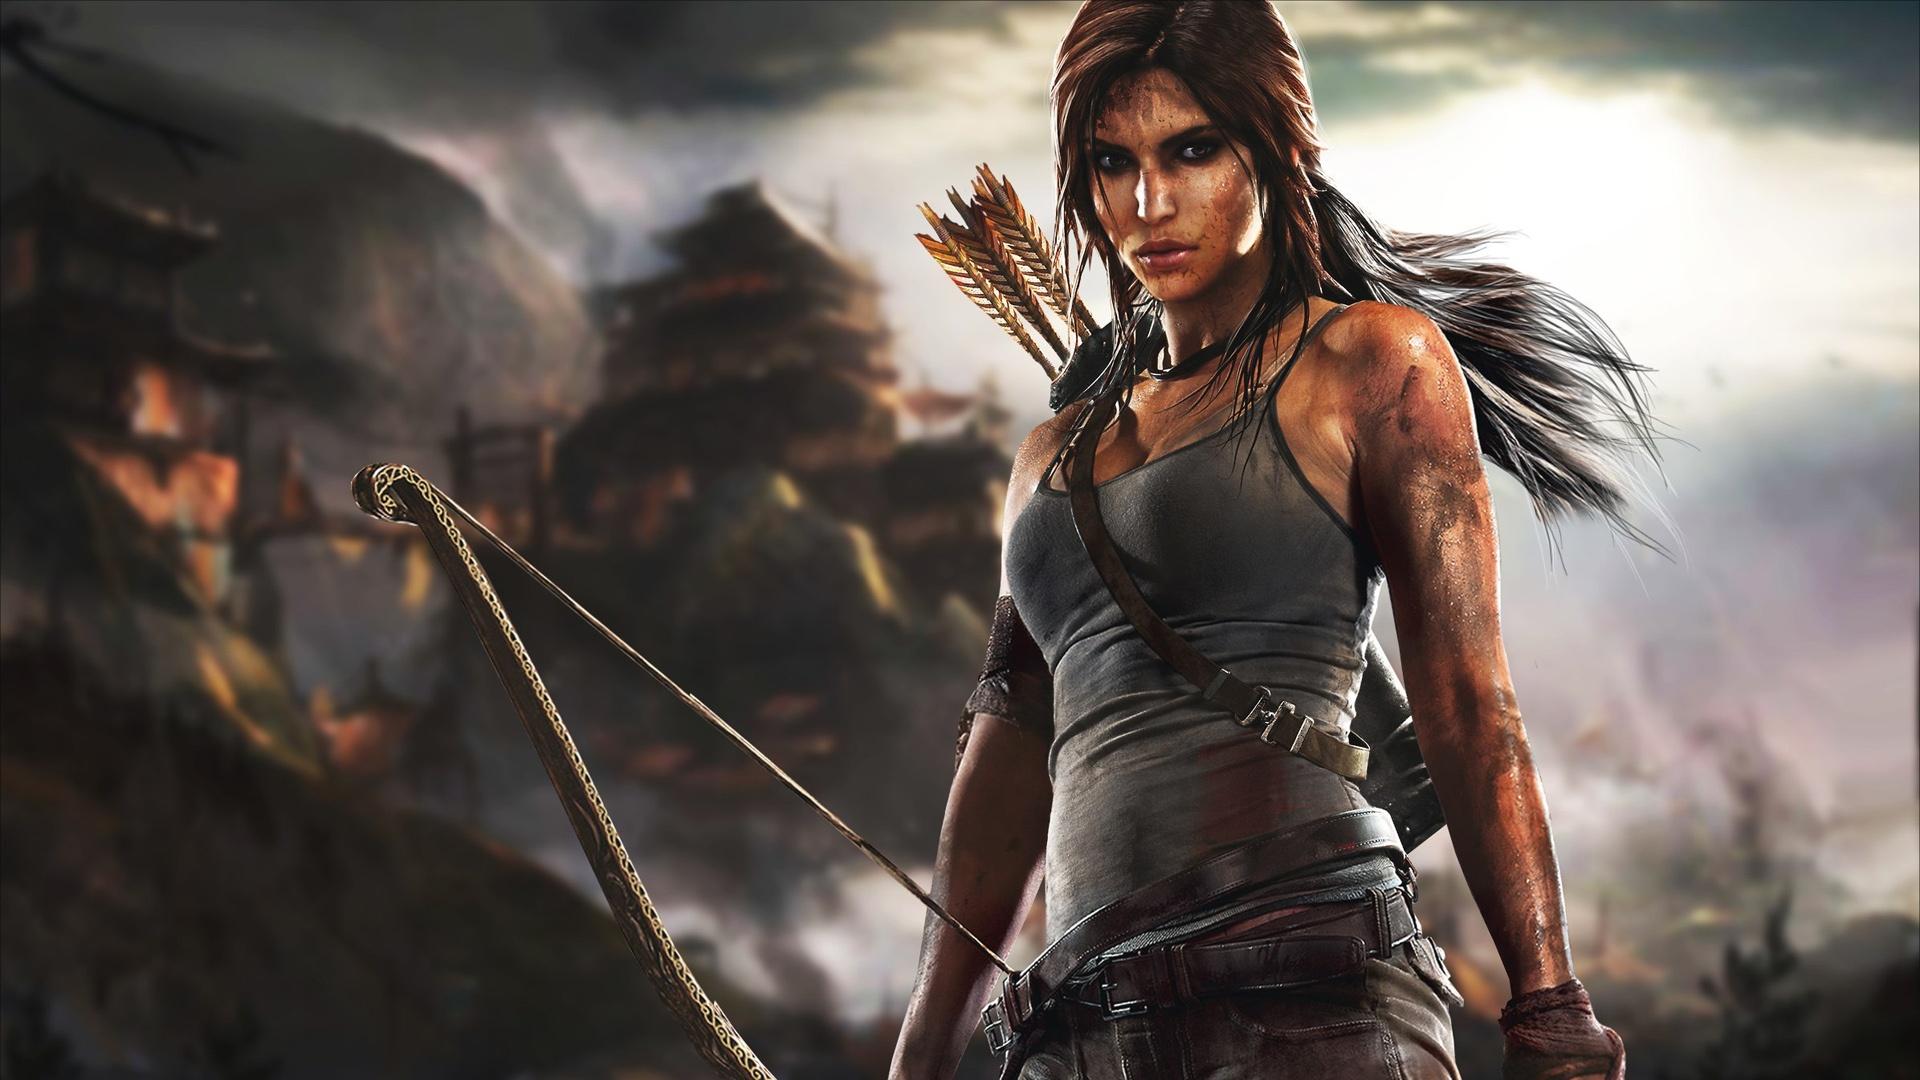 Wallpaper Lara Croft In Tomb Raider Game 1920x1200 Hd